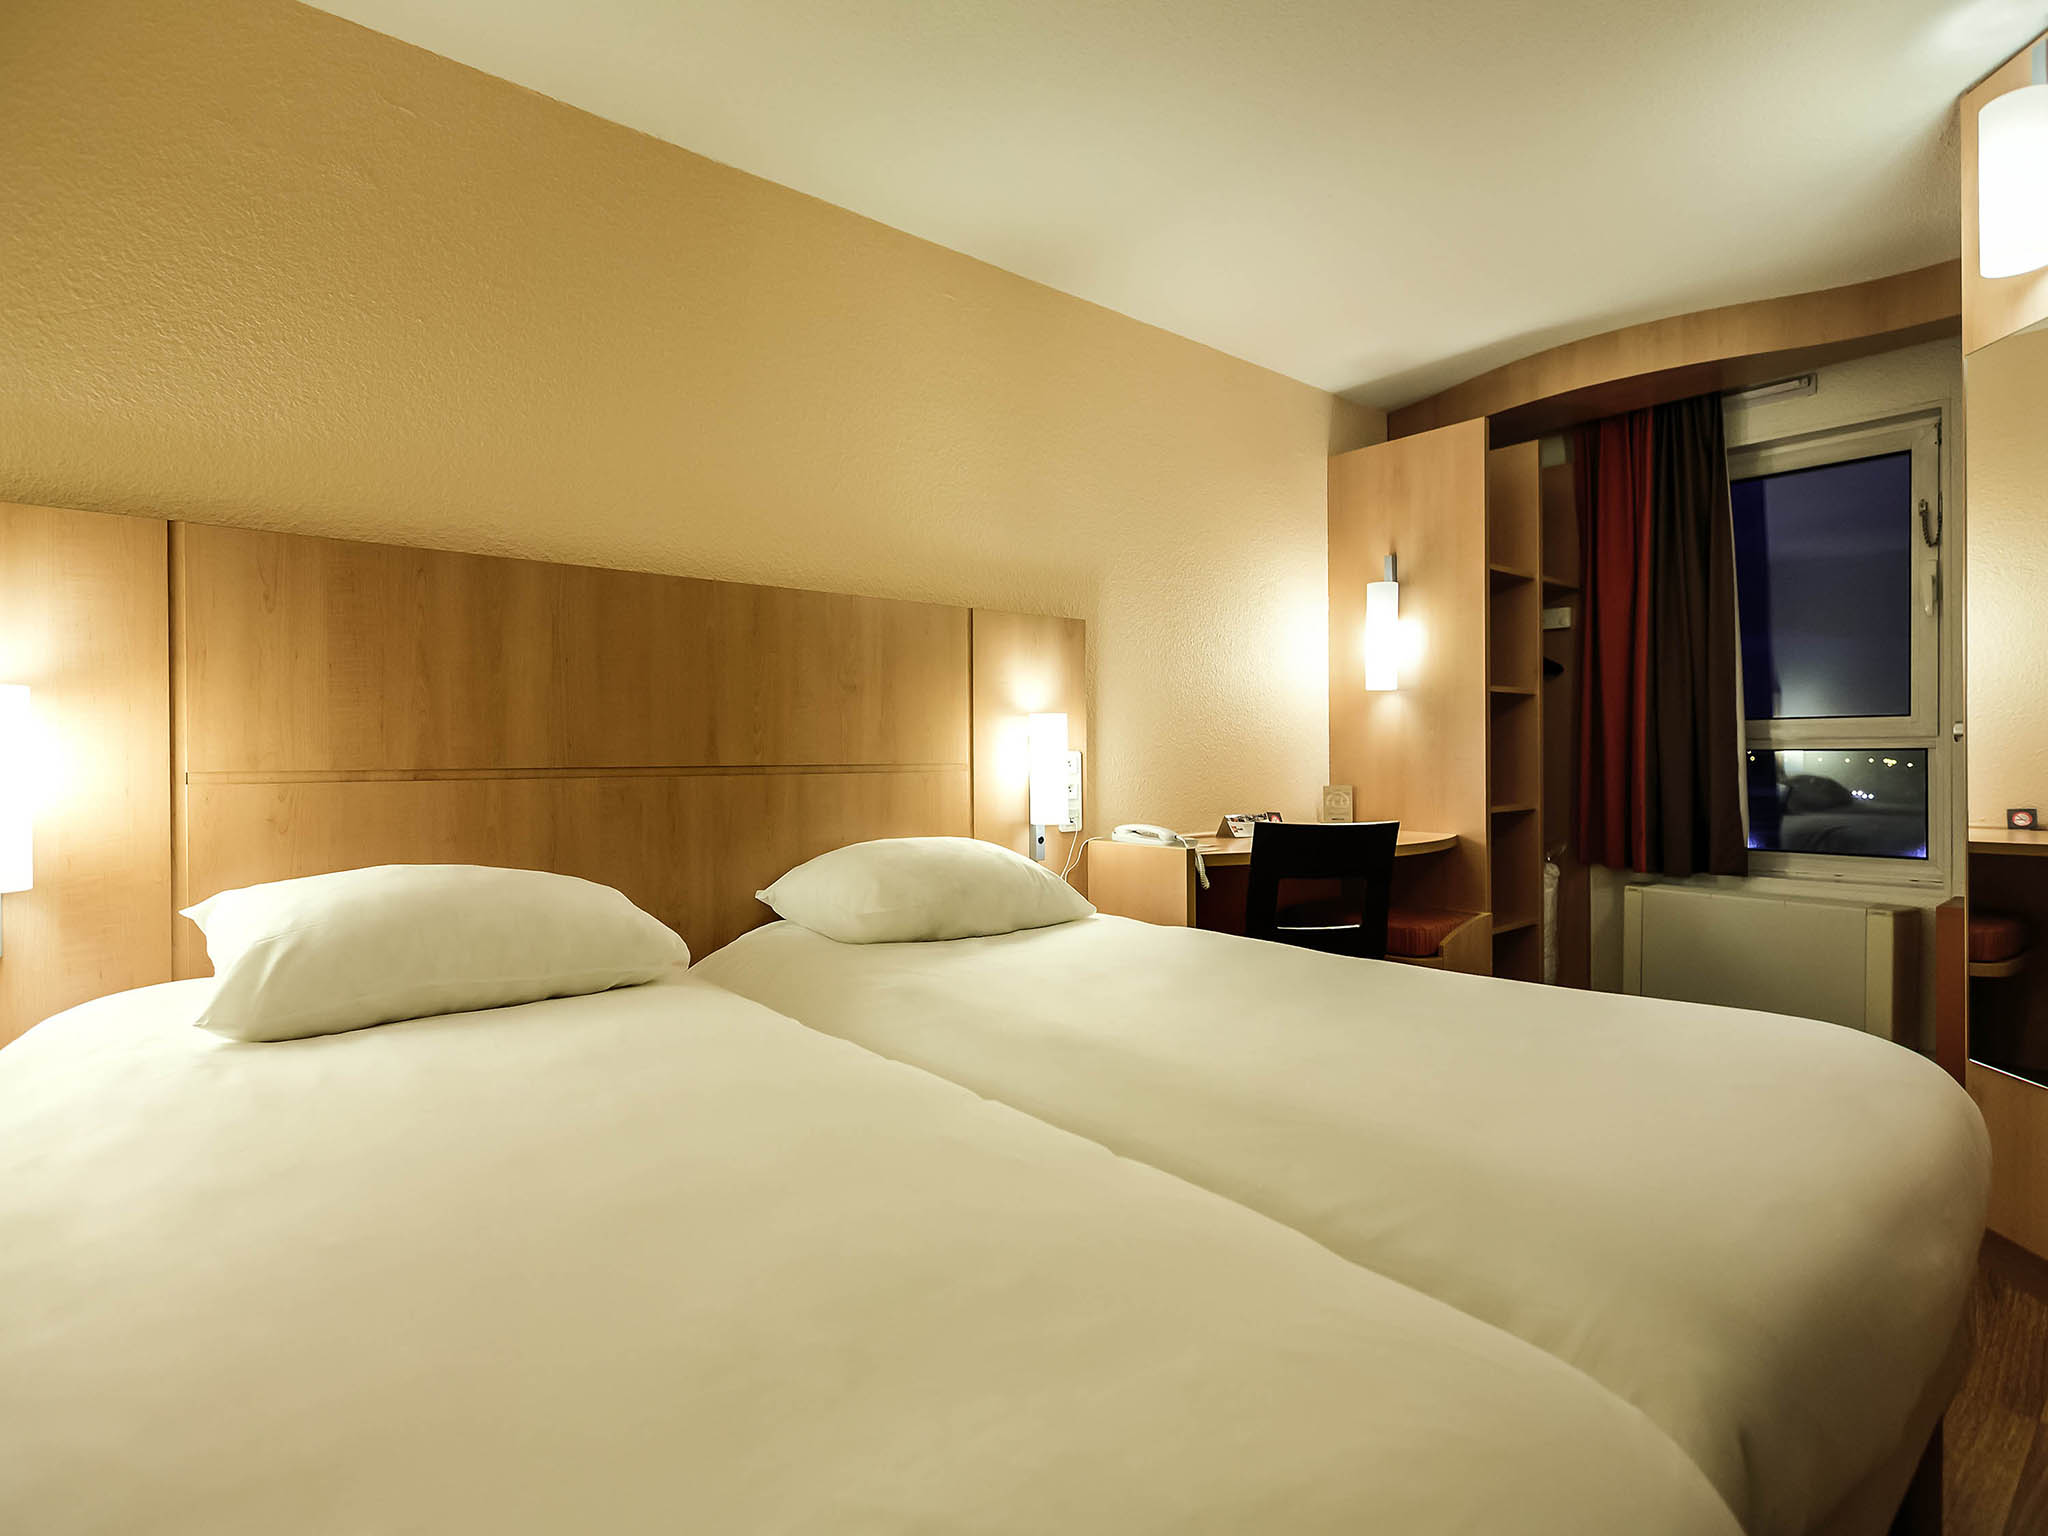 Hotel Ibis Clermont Ferrand Sud